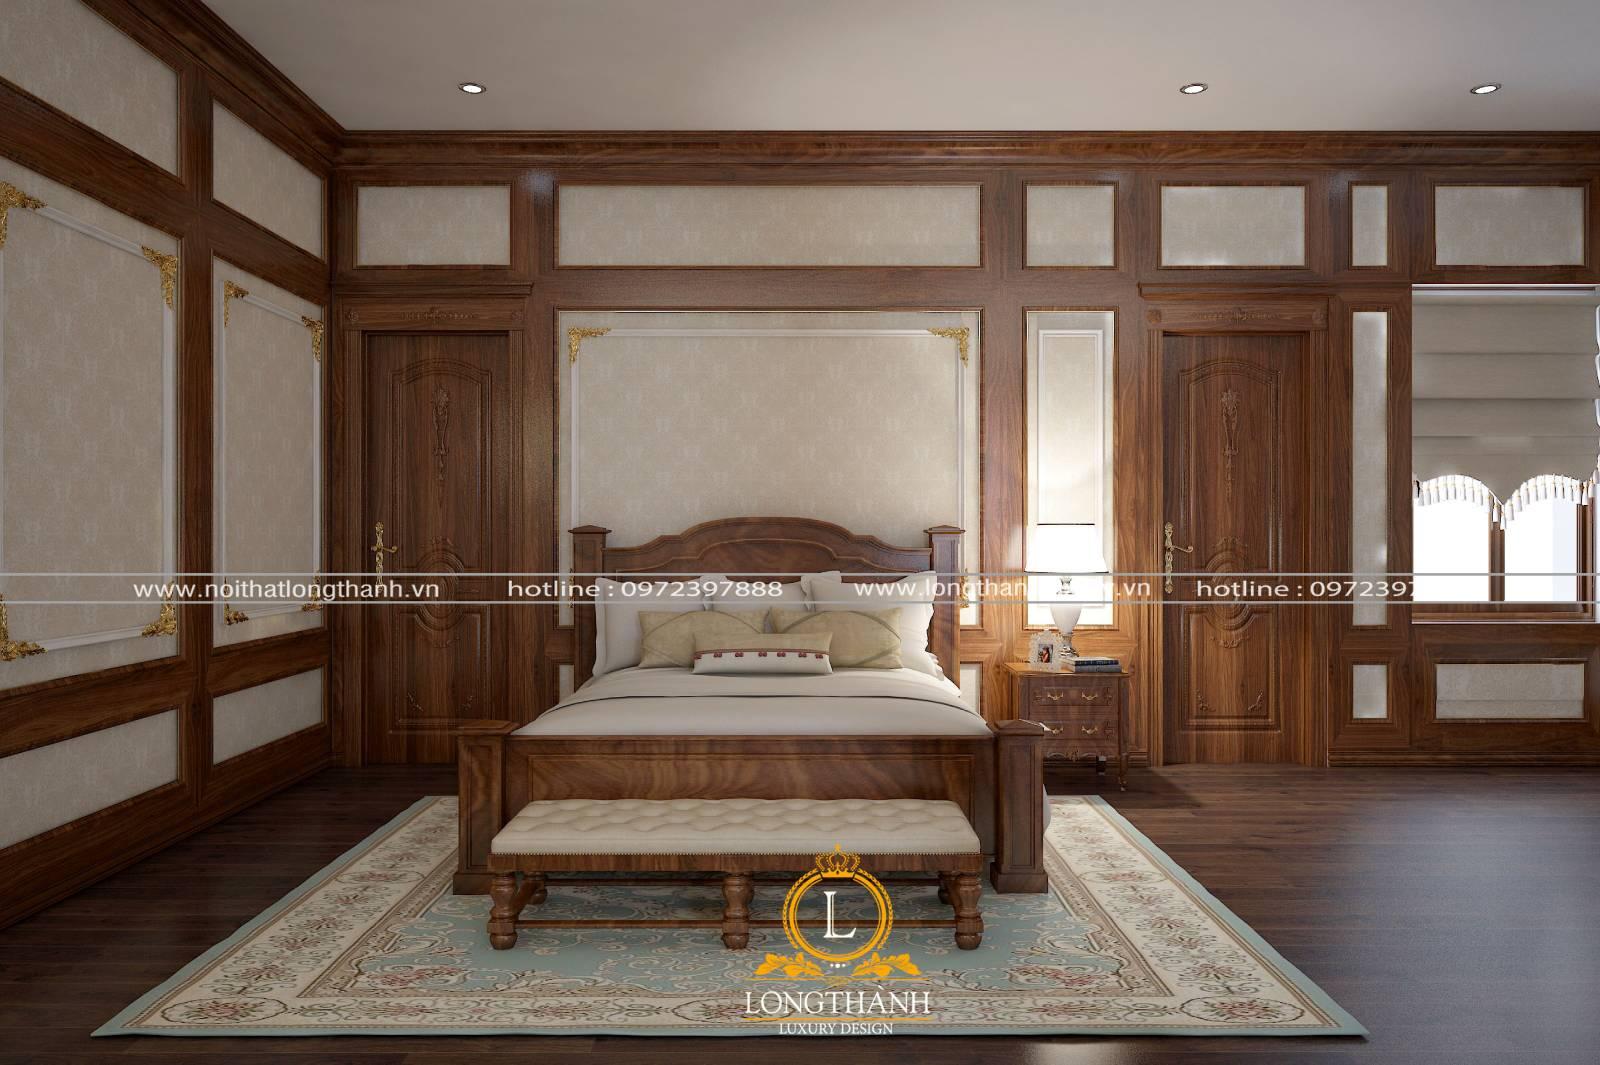 Cửa gỗ phòng ngủ tân cổ điển sử dụng gỗ óc chótự nhiên